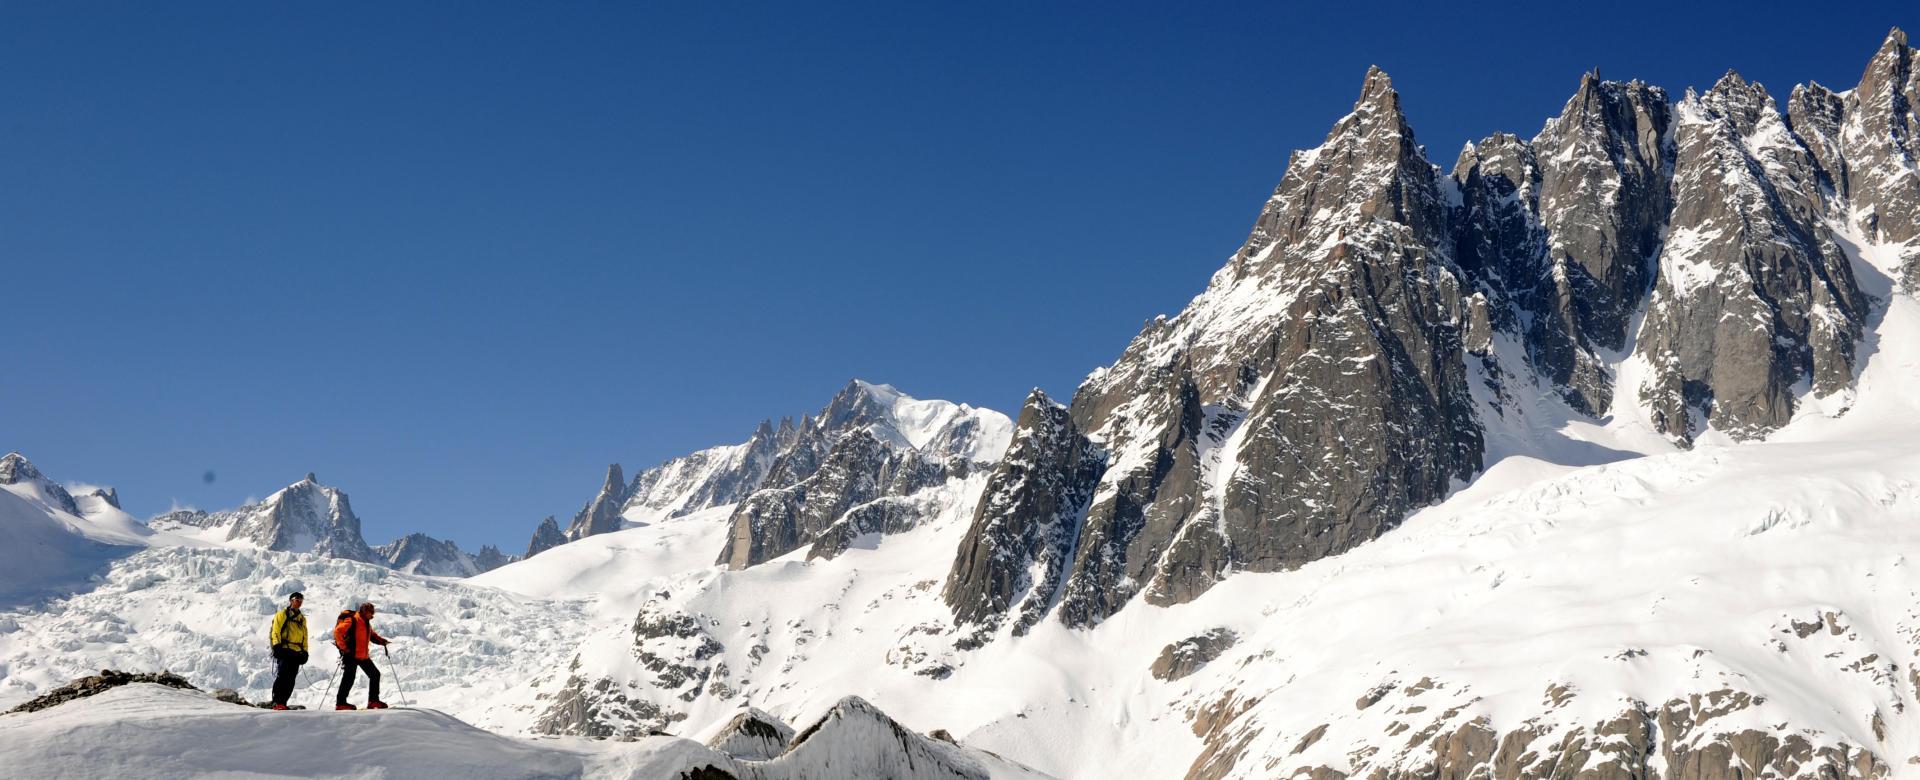 Voyage à pied France : Freerando dans le massif du mont-blanc